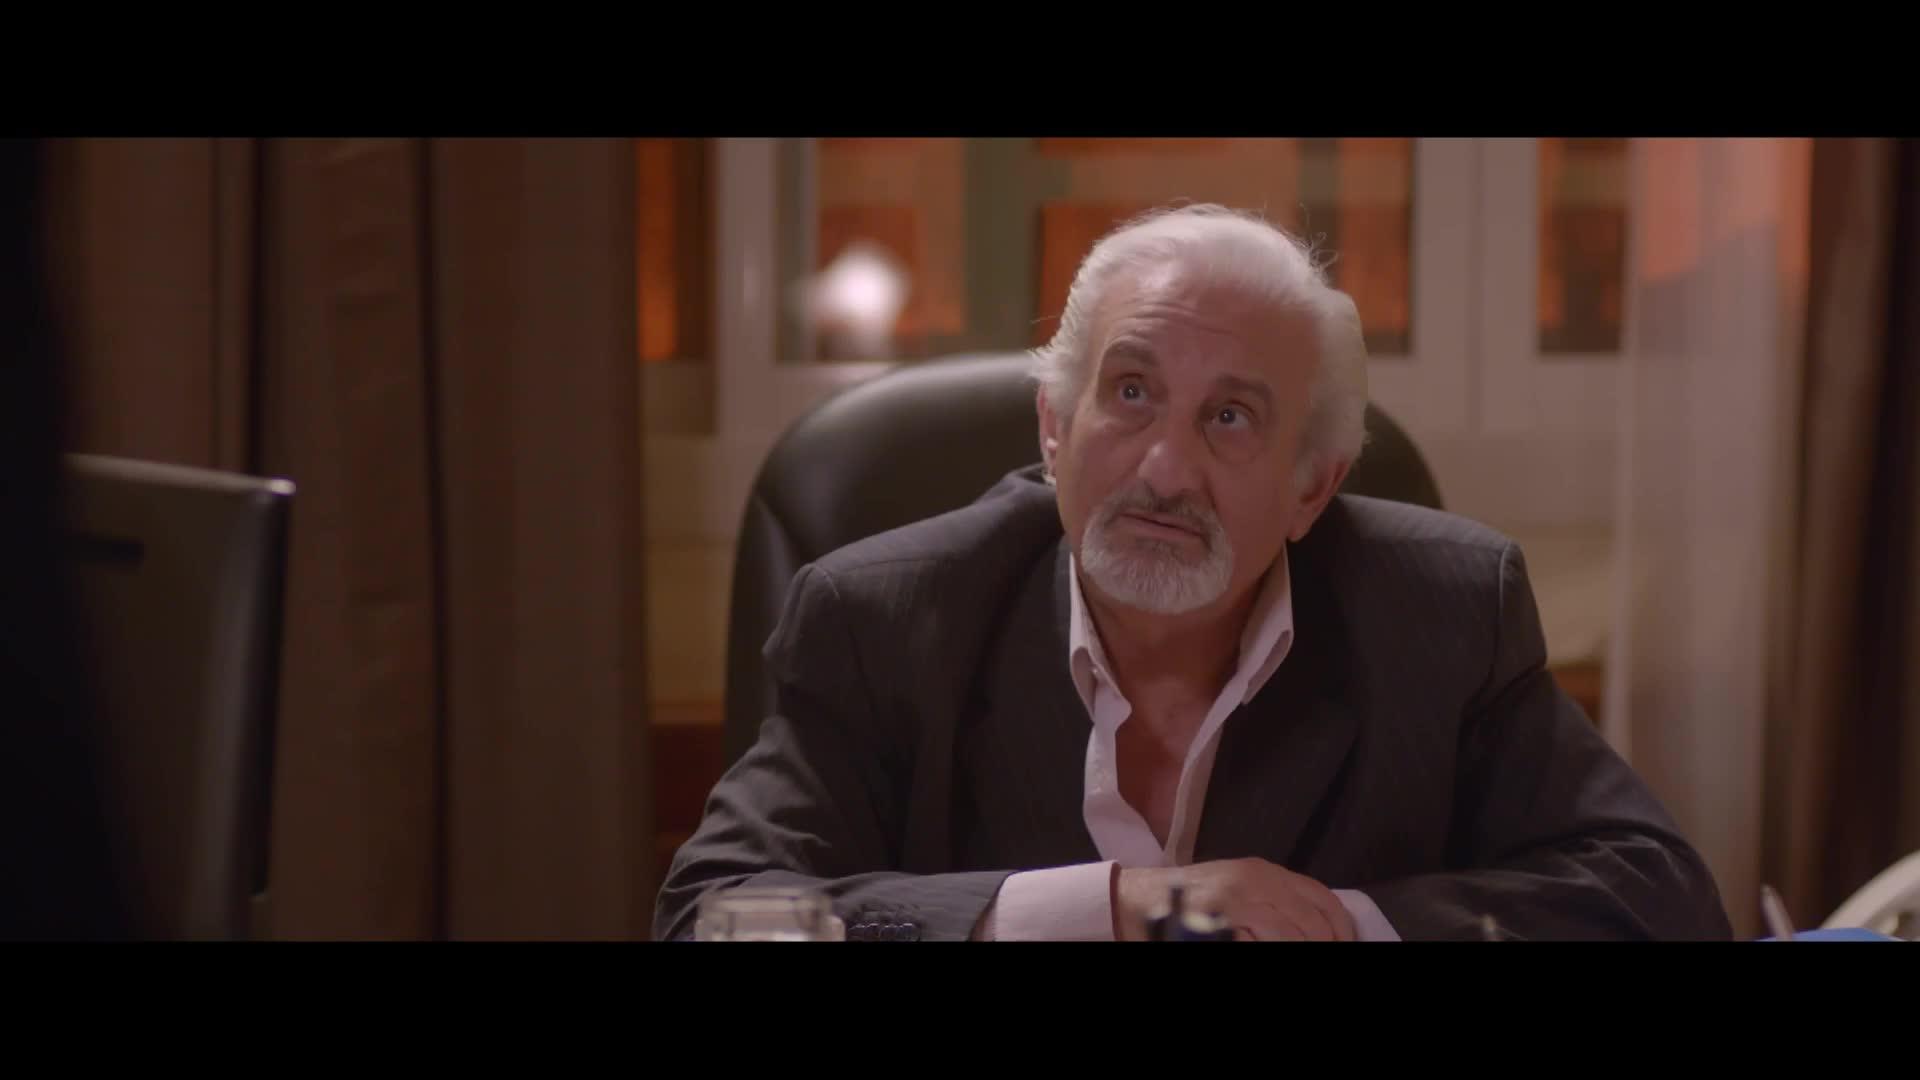 المسلسل المصري قوت القلوب (2020) الحلقات من ( 01 إلى 05 ) 1080p تحميل تورنت 6 arabp2p.com